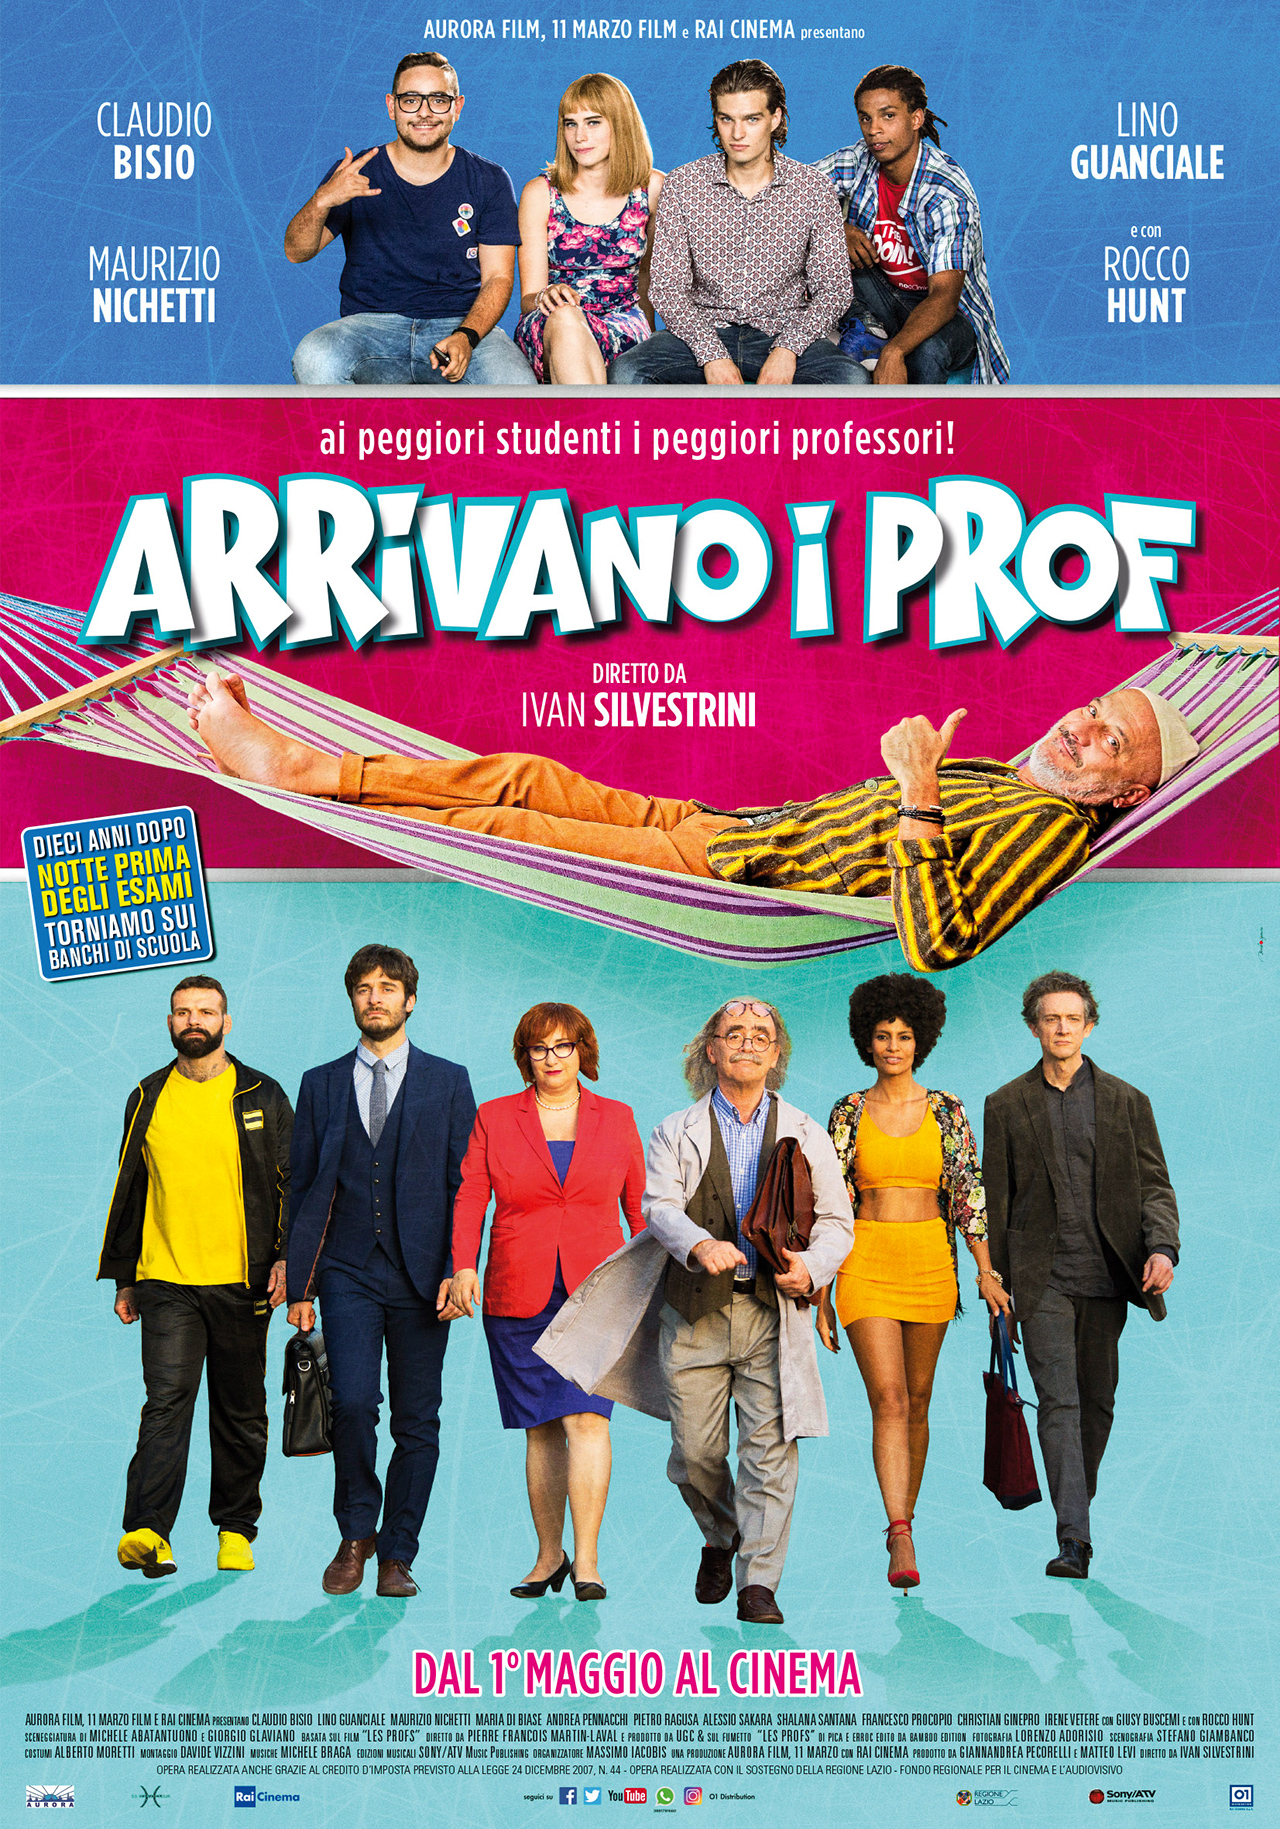 In foto Maurizio Nichetti (73 anni) Dall'articolo: Arrivano i Prof, il poster del film con Claudio Bisio.